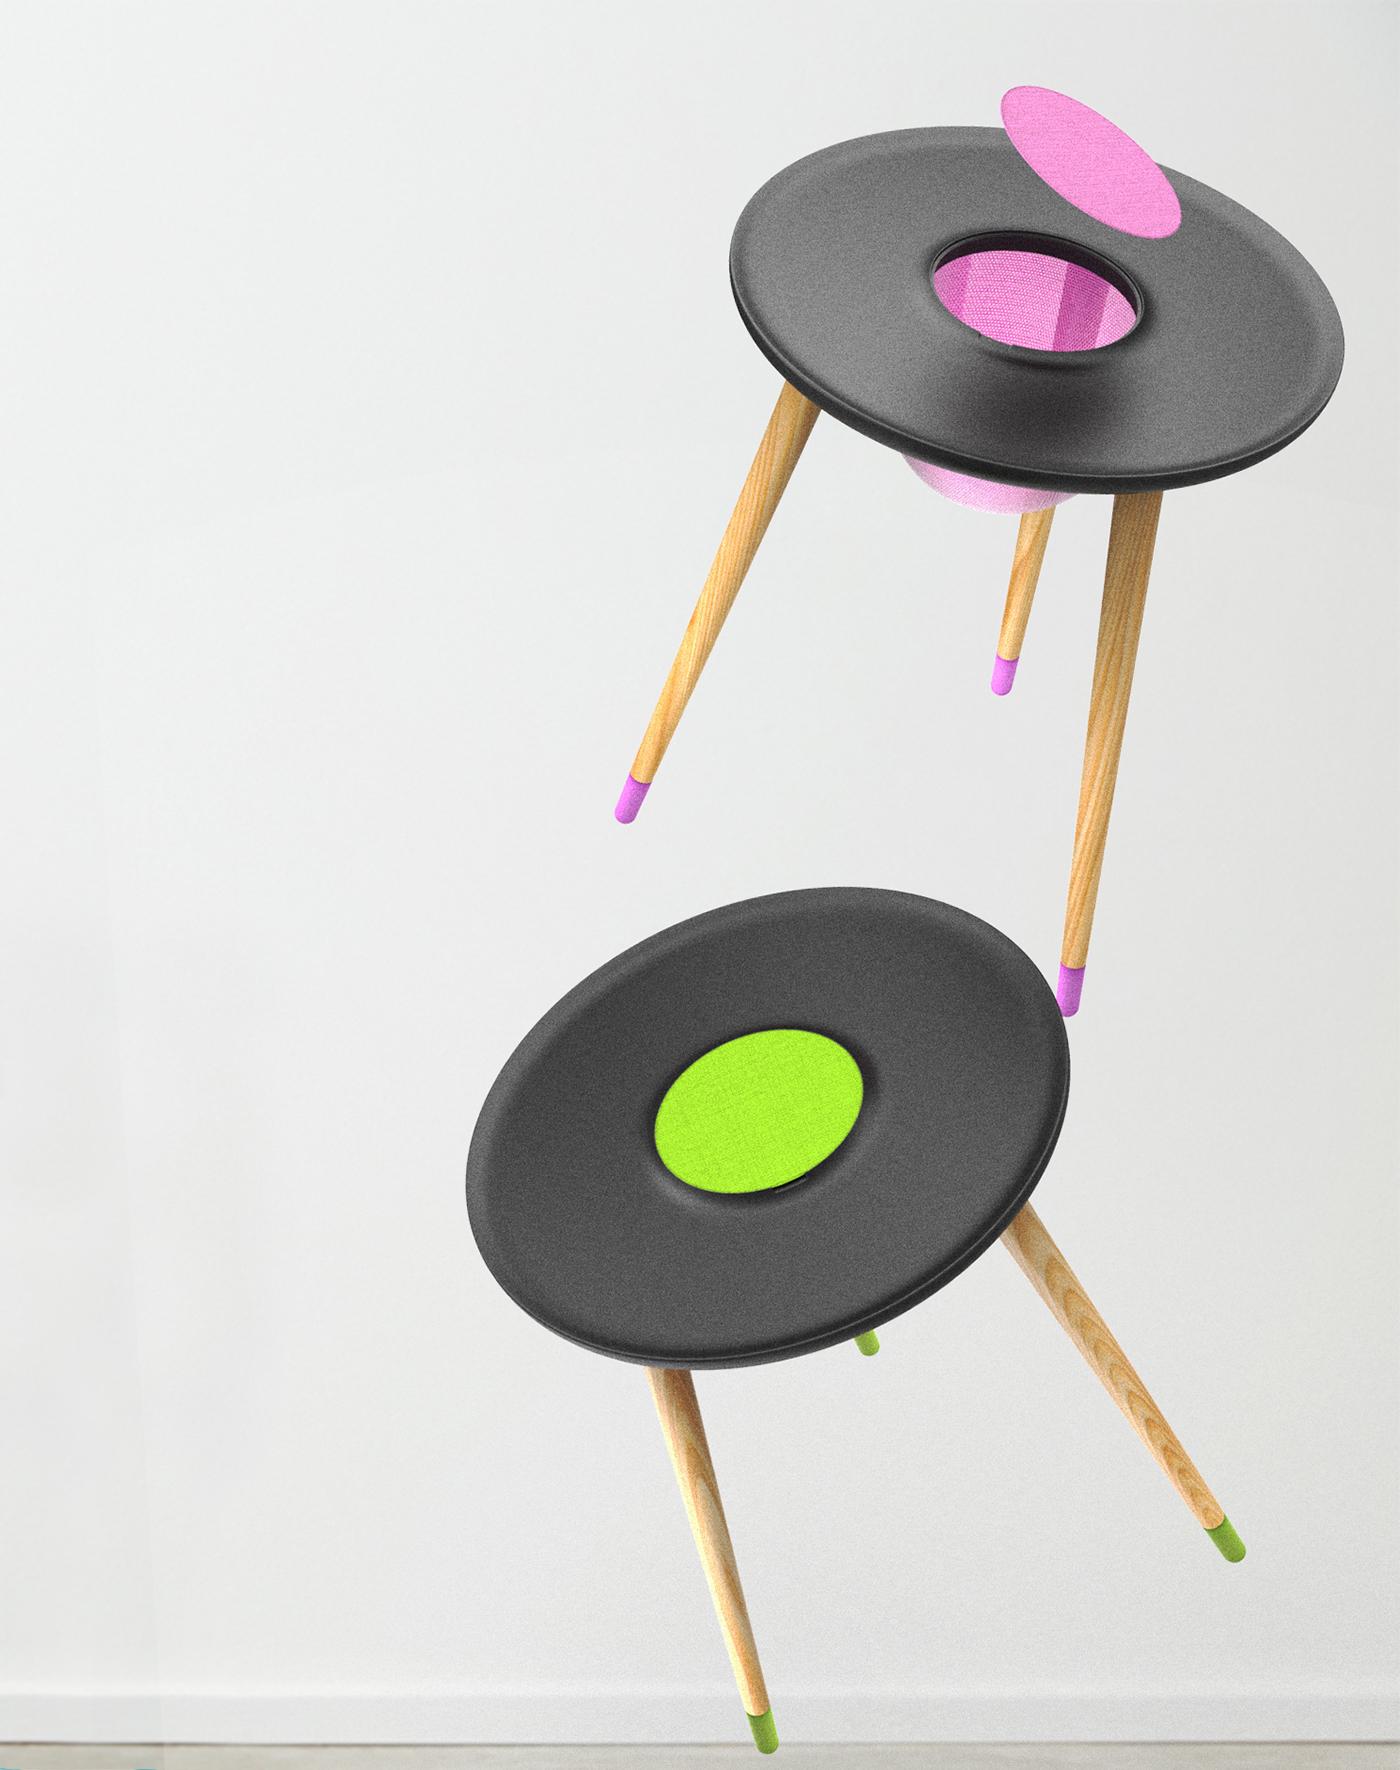 高颜值平板桌子设计